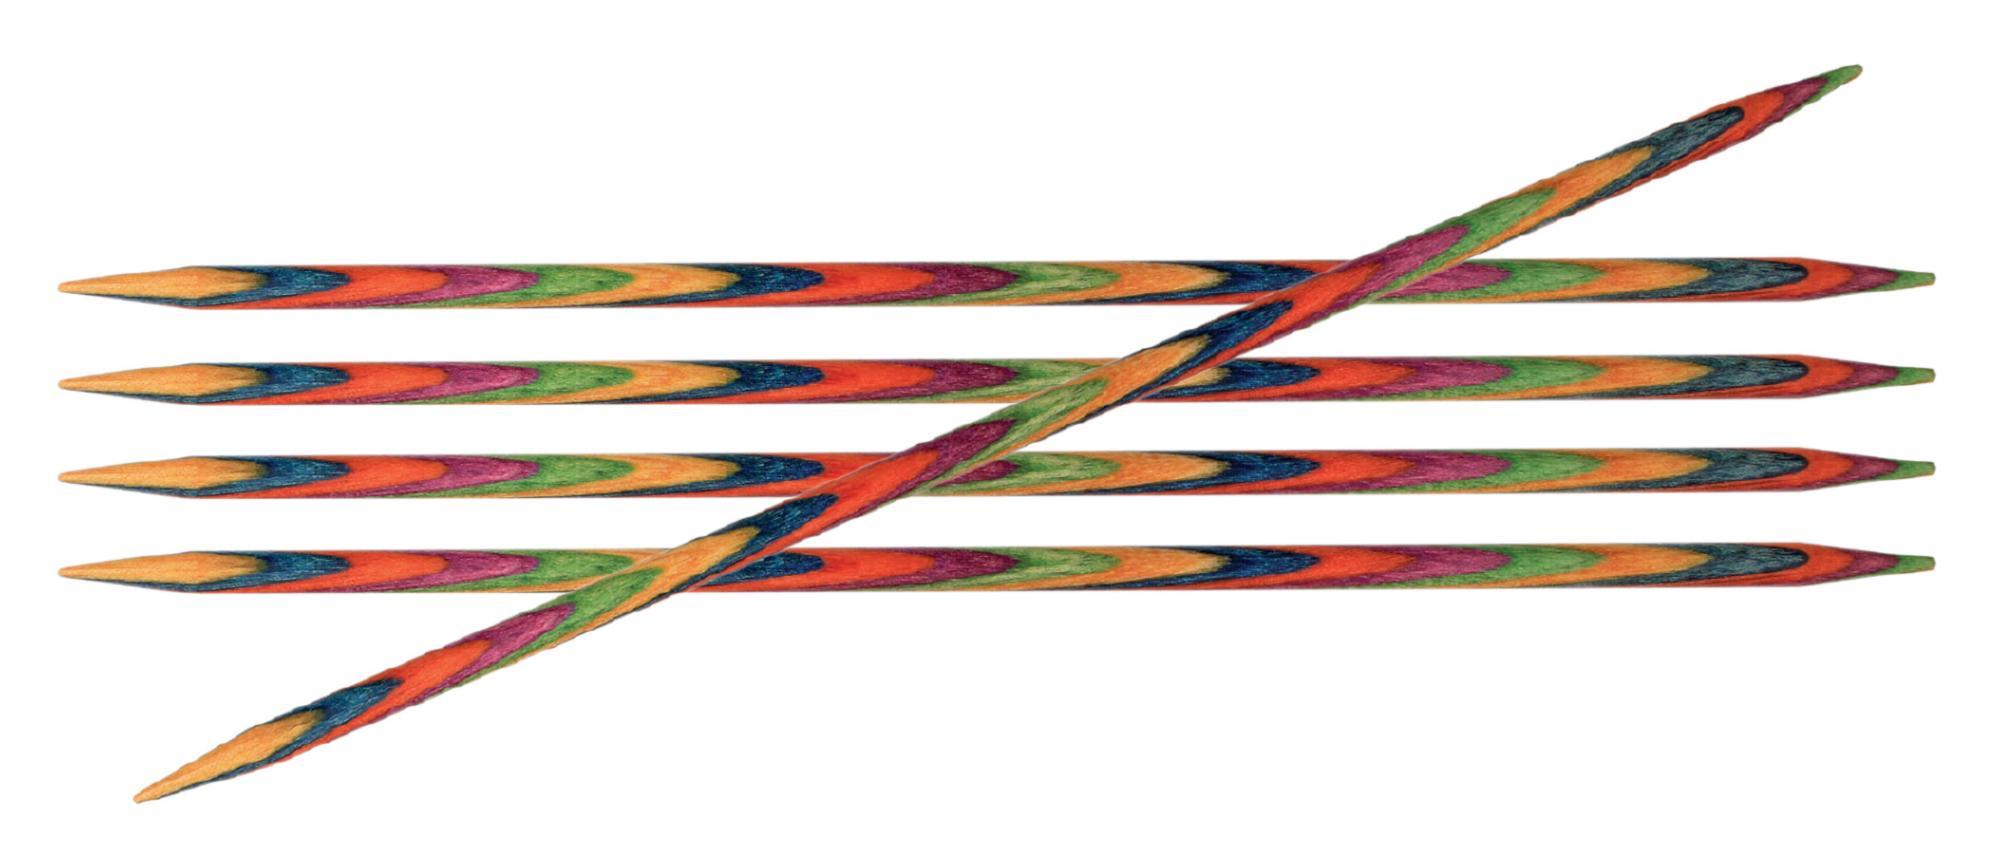 Спицы носочные 15 см Symfonie Wood KnitPro, 20103, 2.50 мм